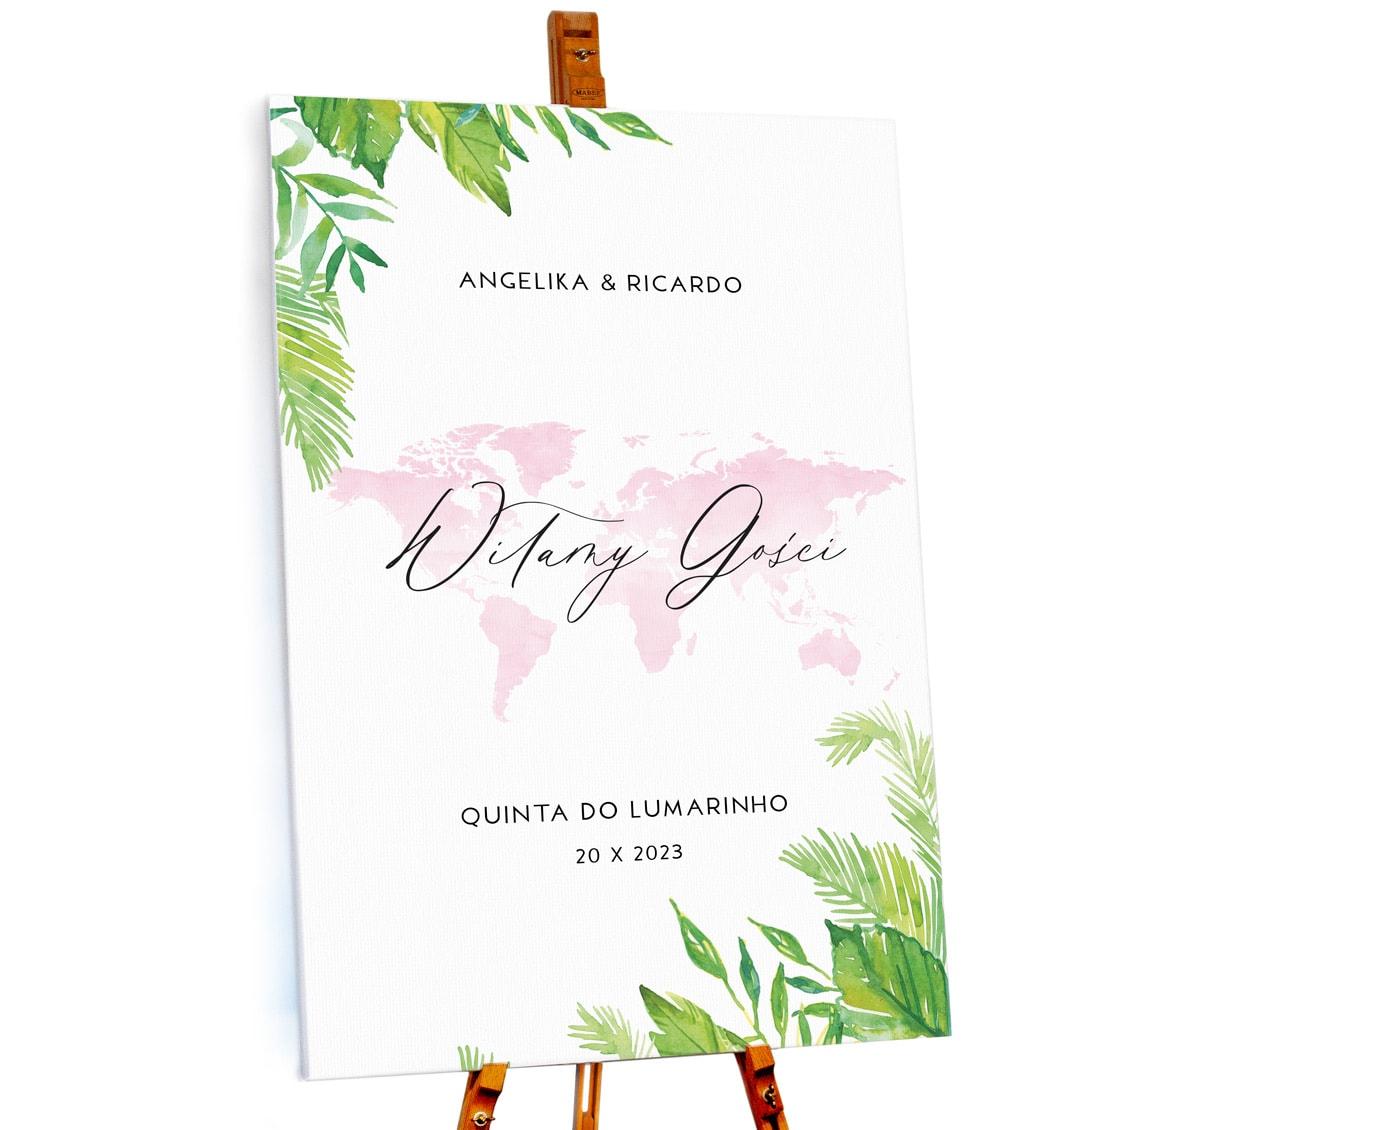 tablica powitalna na wesele w stylu podróżniczym z akwarelową mapą